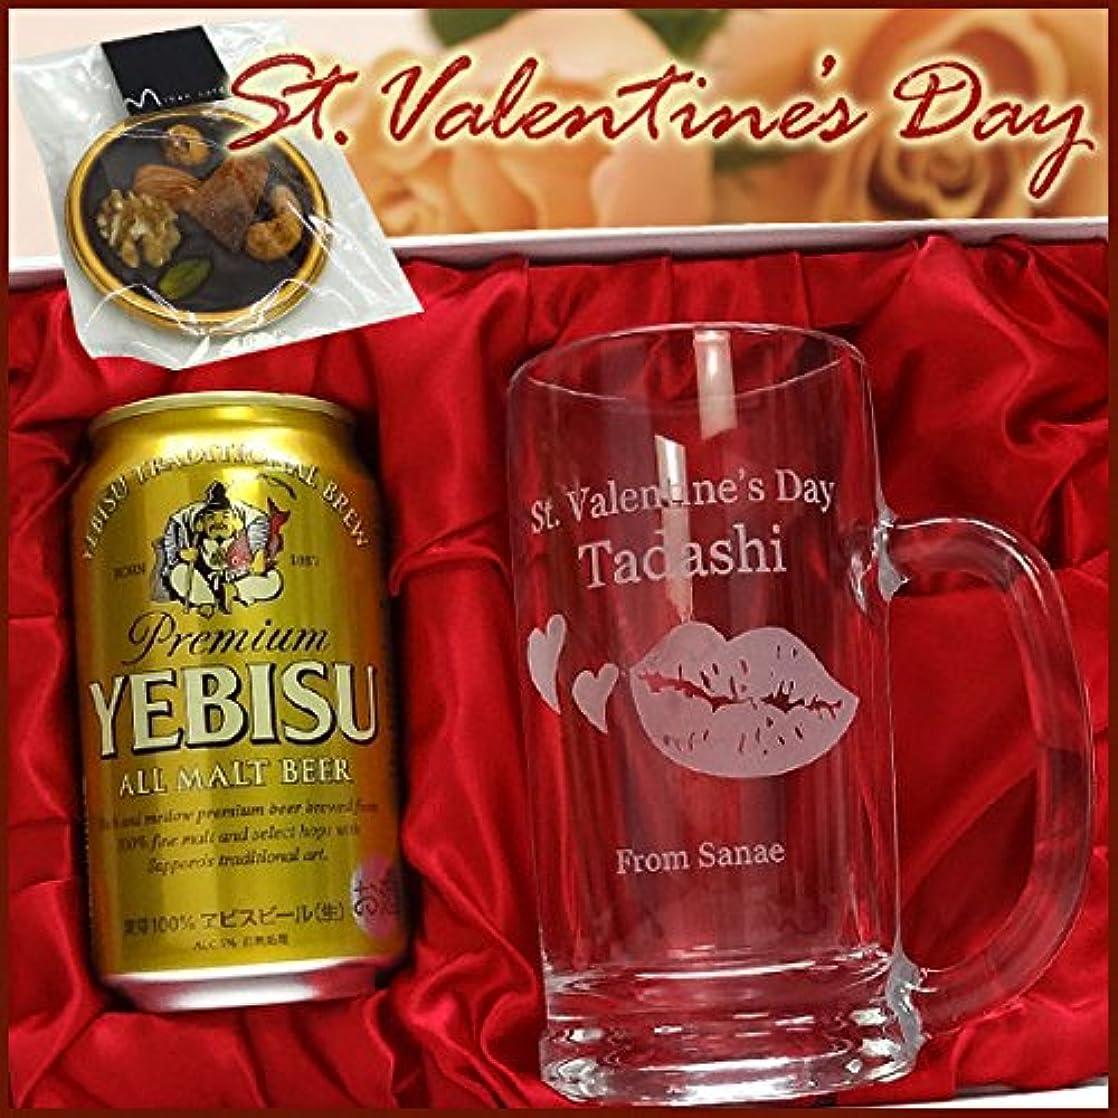 キャプテンブライどこにでも絡み合いバレンタインギフト 名入れ彫刻ビールジョッキ&エビスビールセット